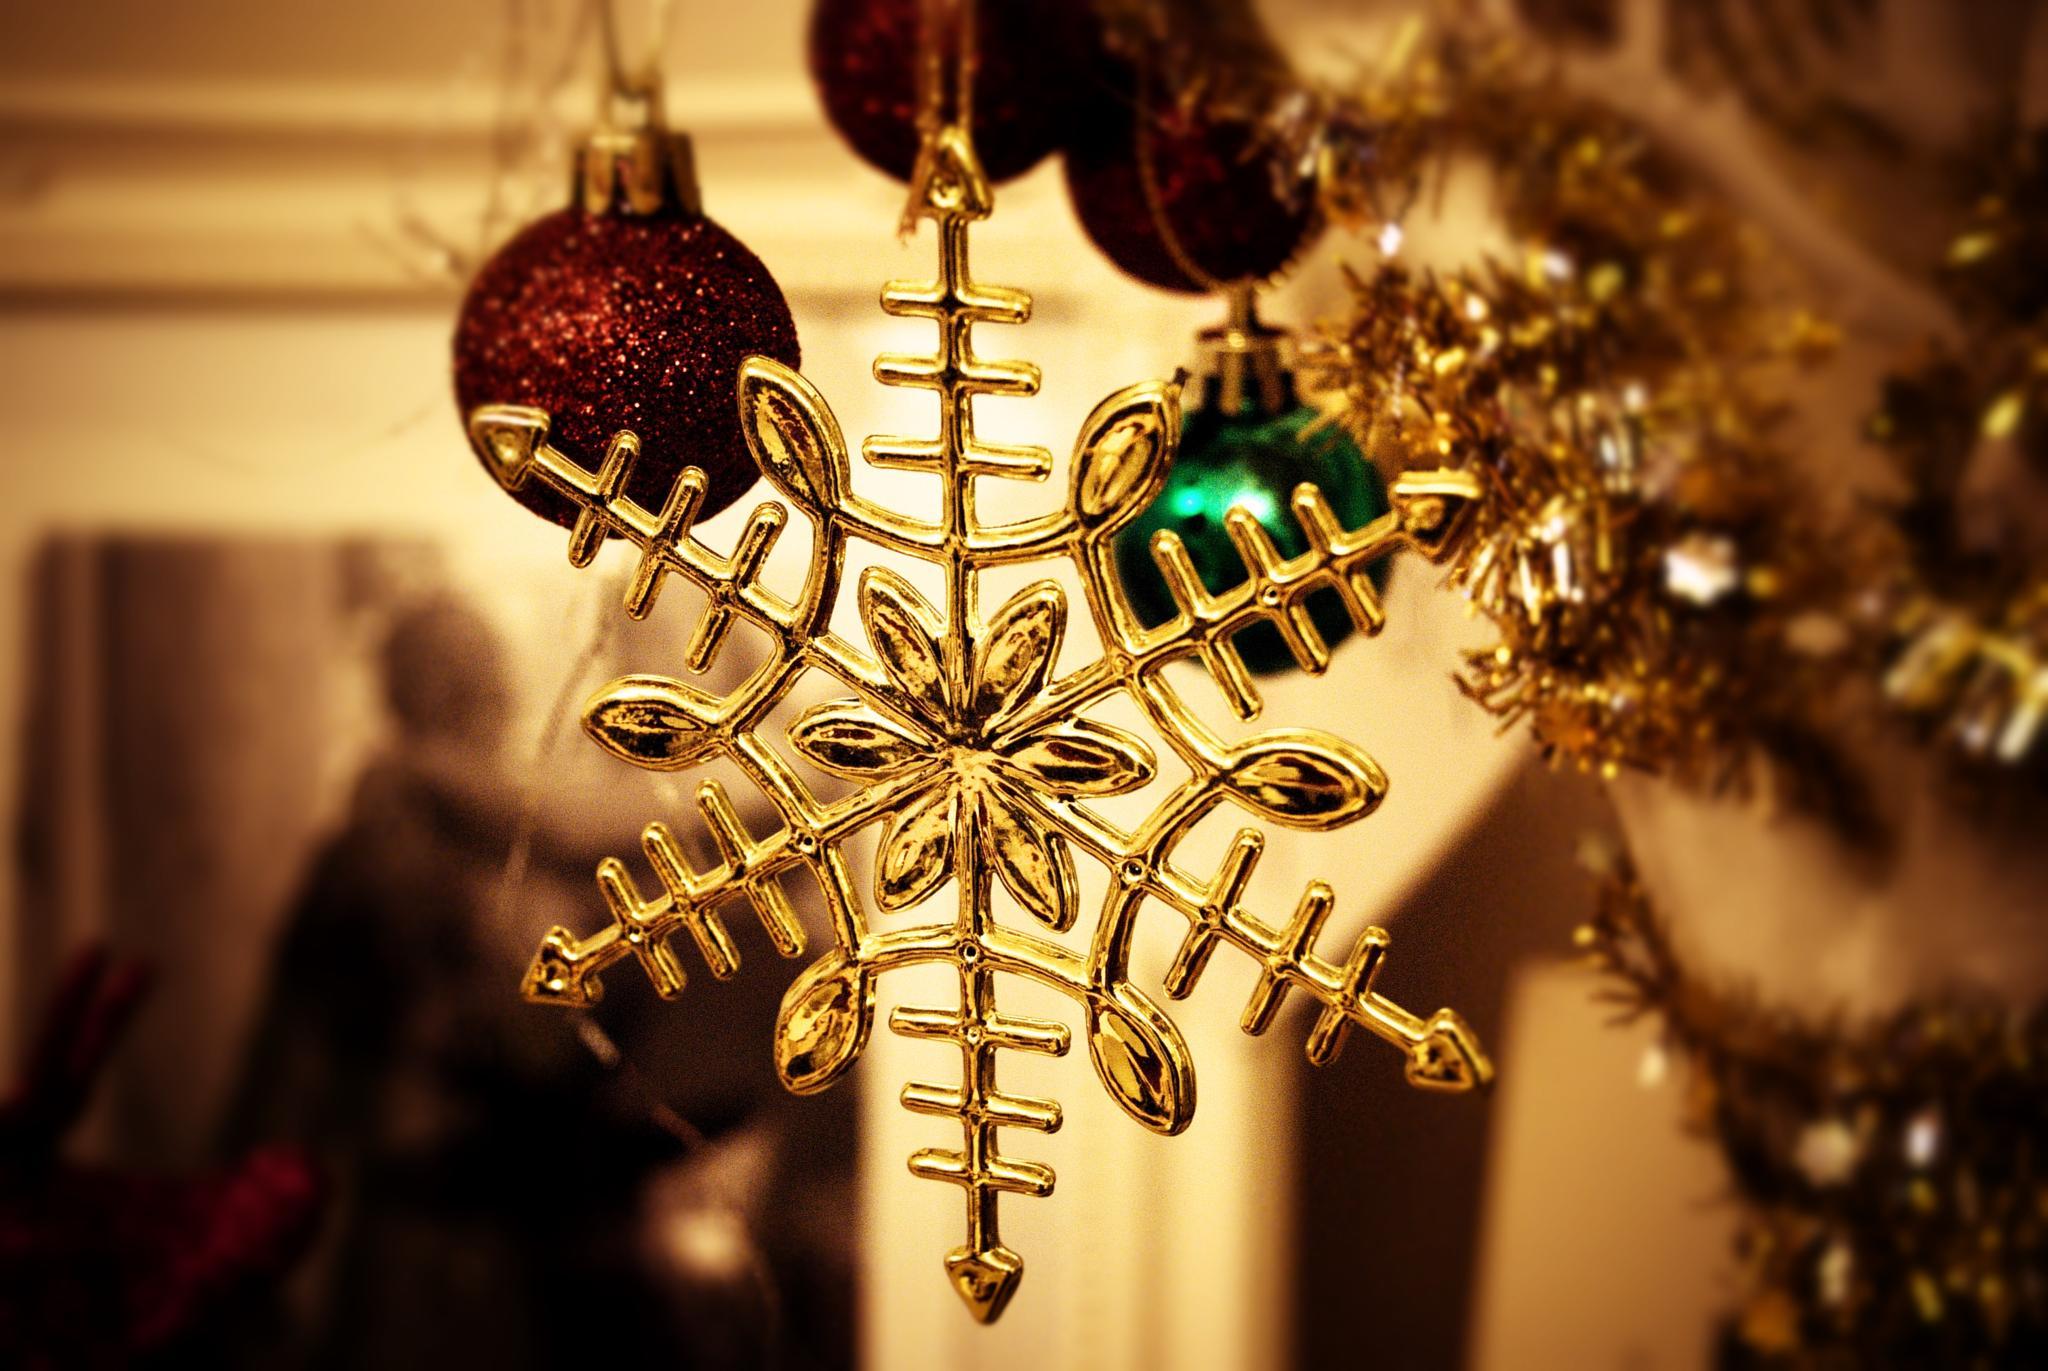 Simply Christmas by Kaz Matthews